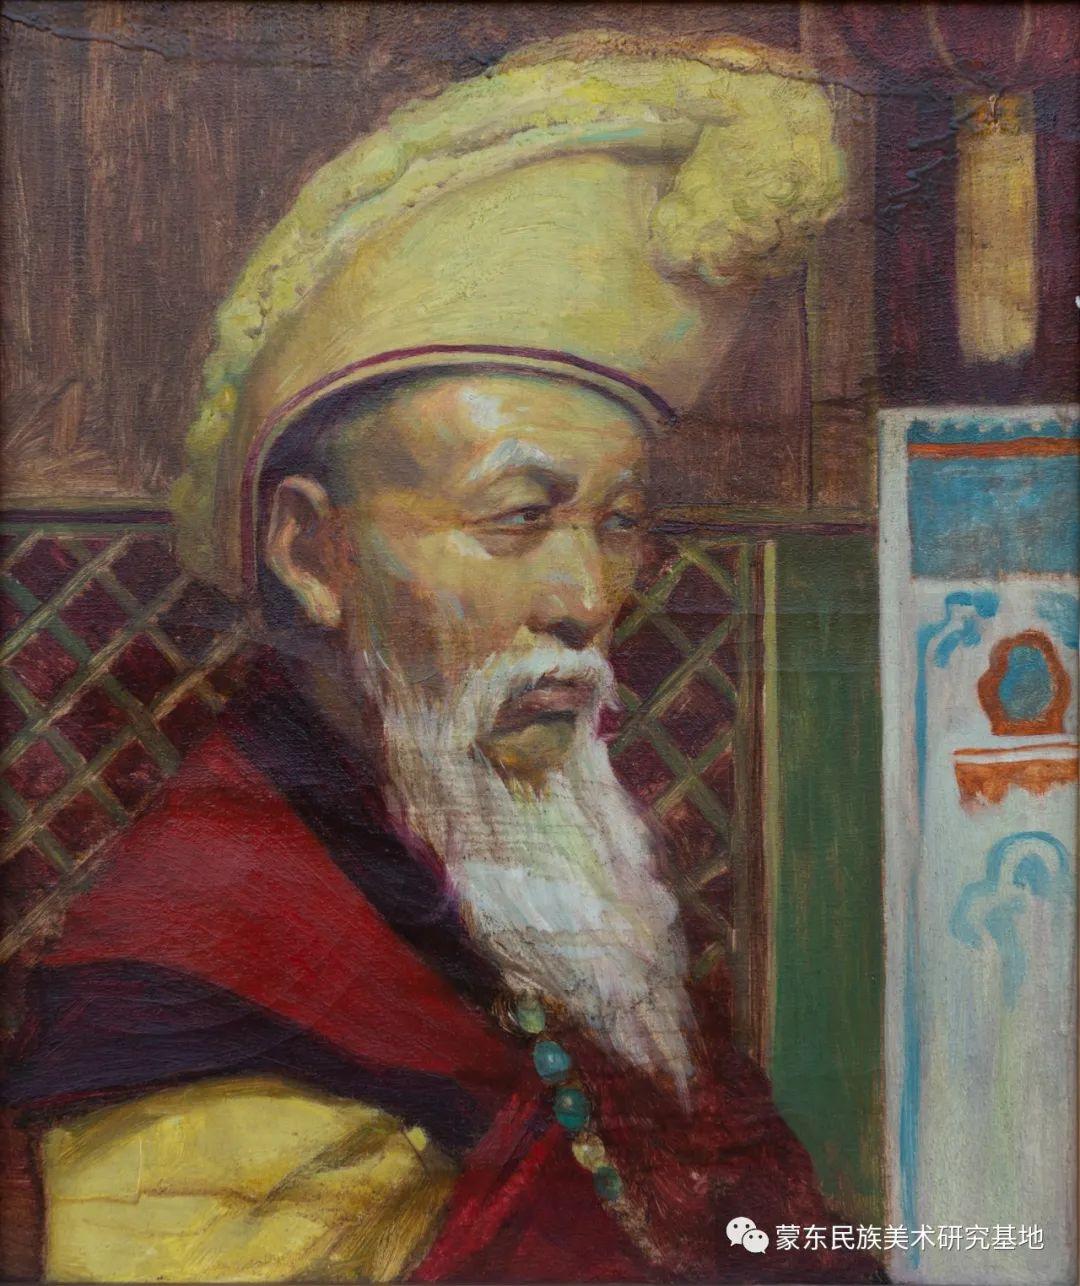 科尔沁首届油画展作品集 第35张 科尔沁首届油画展作品集 蒙古画廊